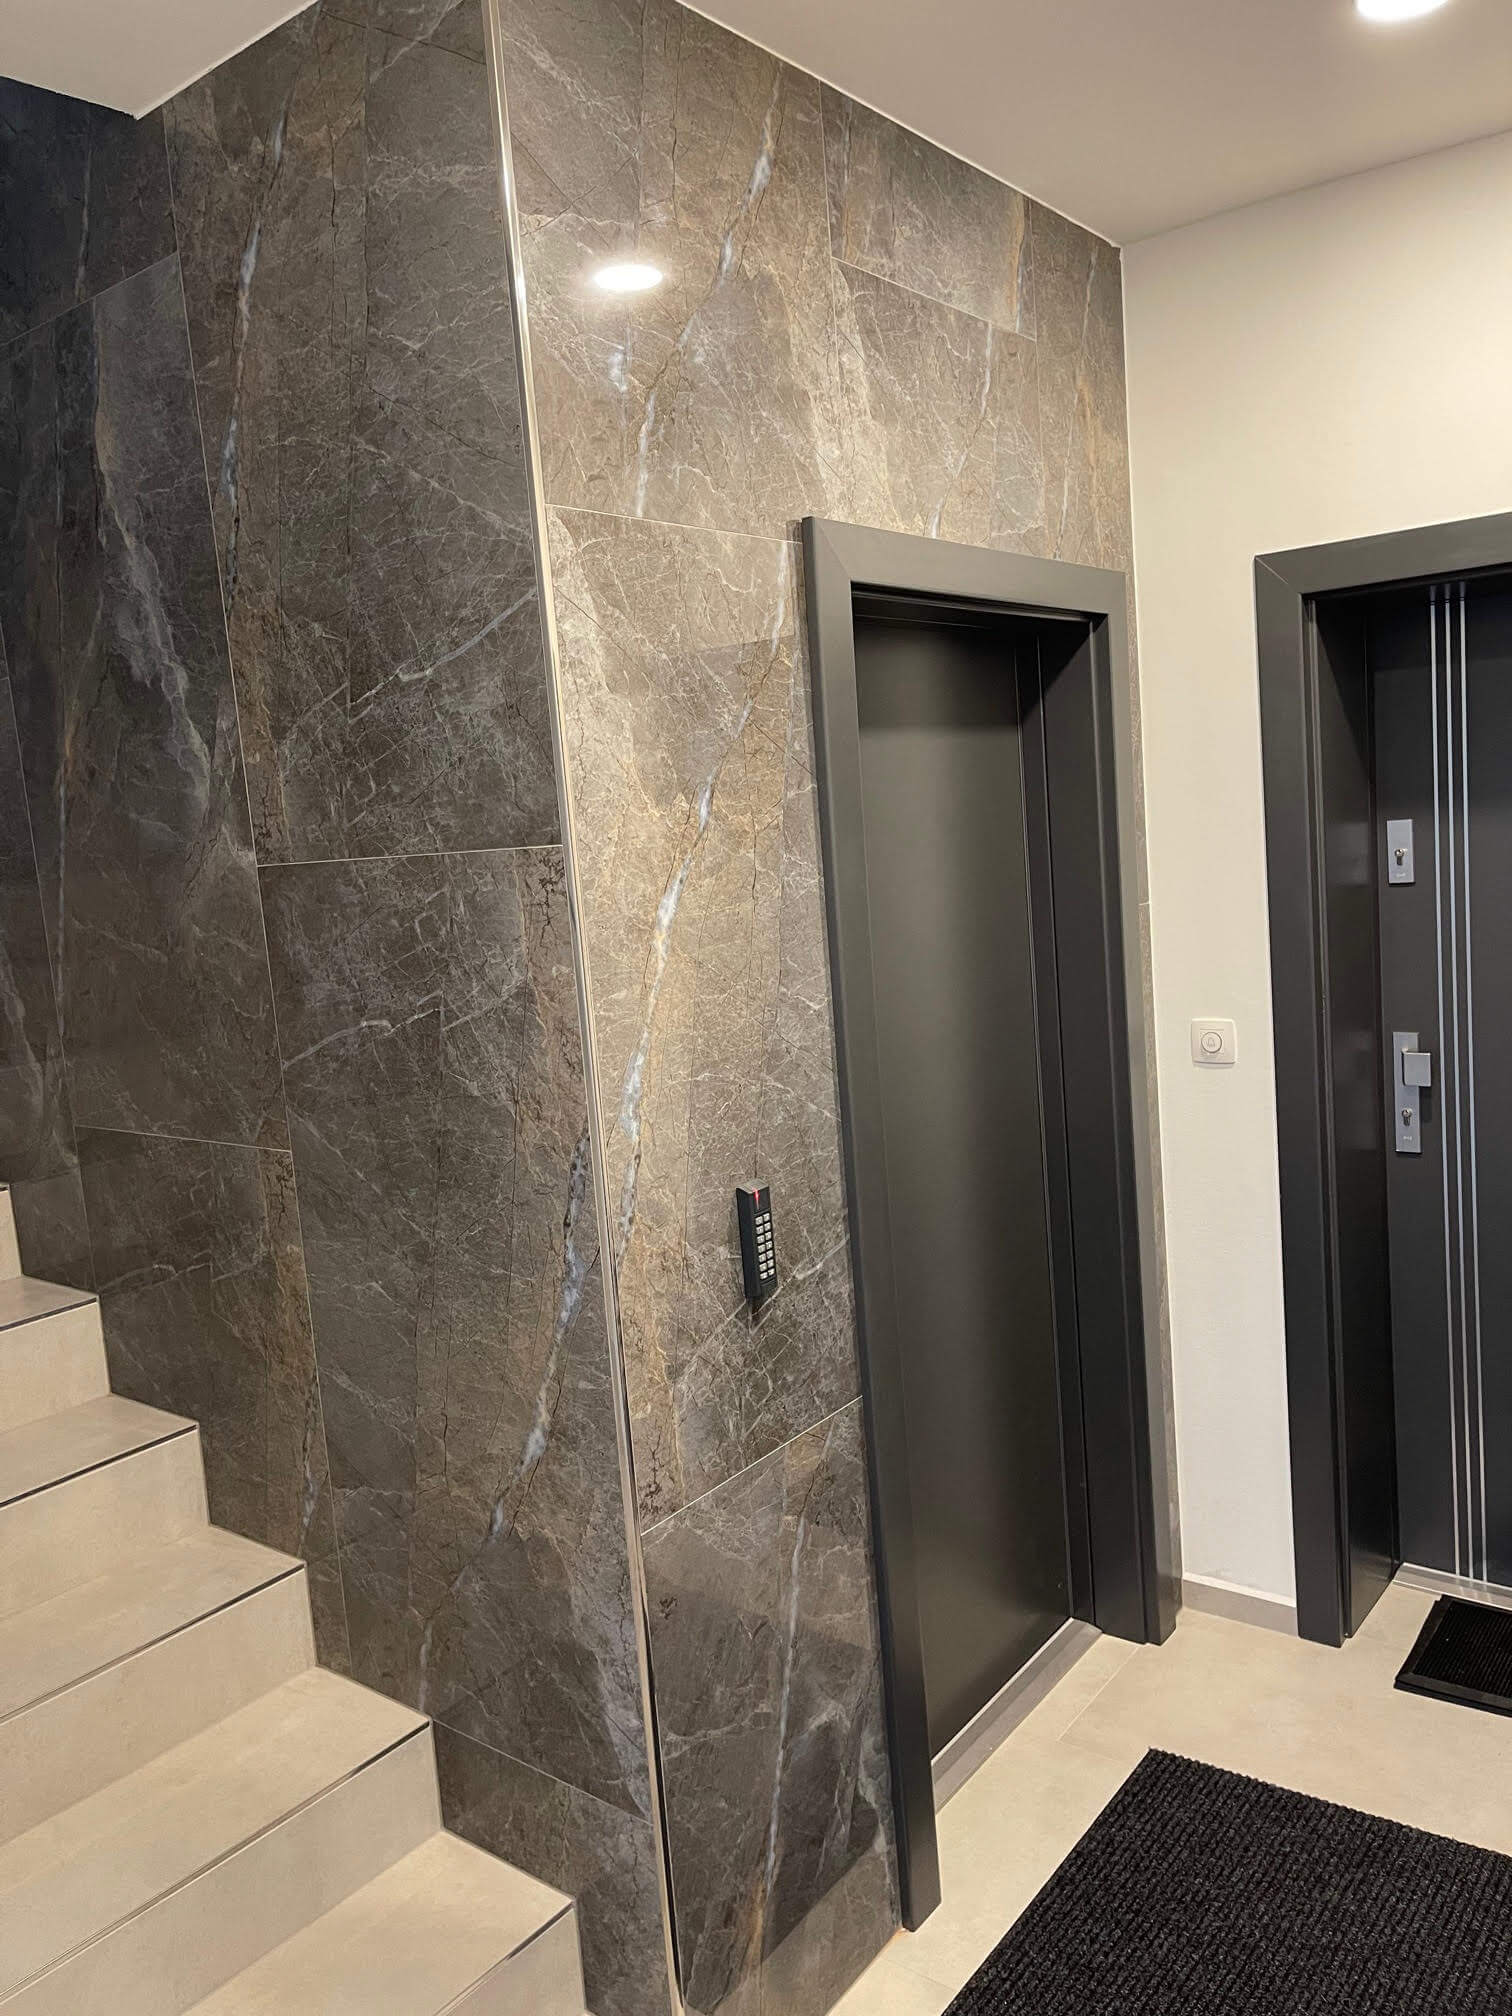 Na predaj novostavba, 2 izbový byt v Malackách, Kukučínová ulica,60m2, terasa 30m2, 2x parkovacie miesto-15